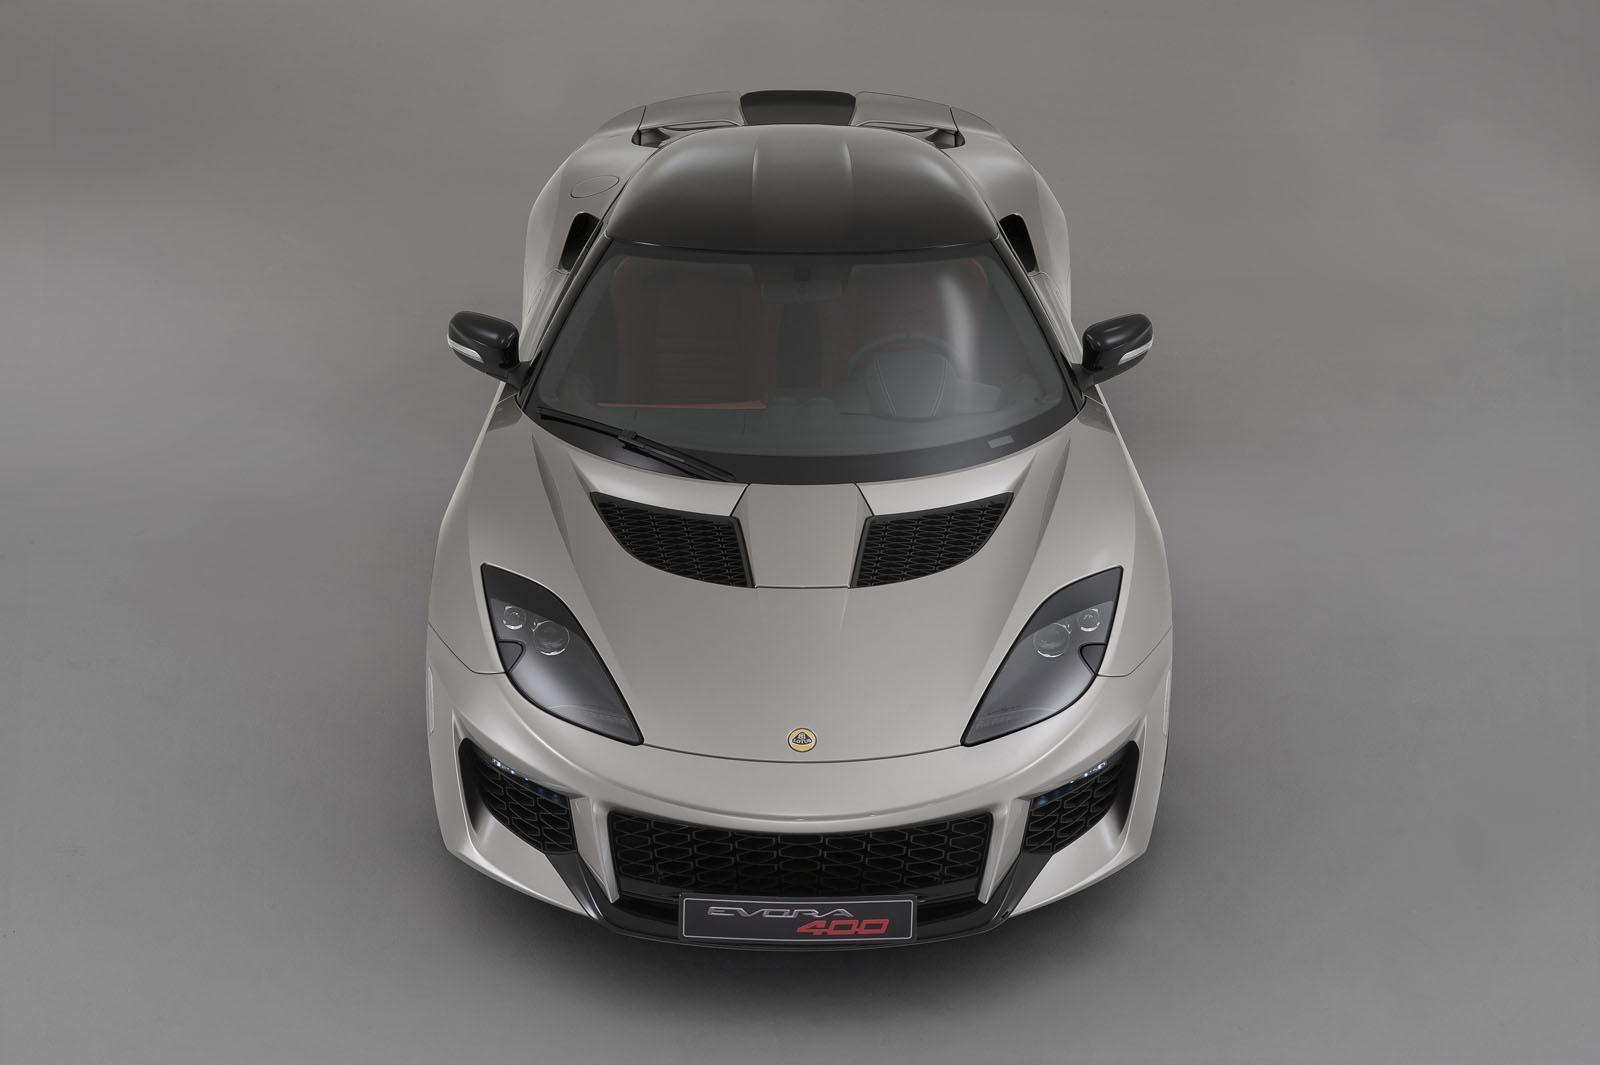 Lotus Evora 400 Blue & Orange Edition